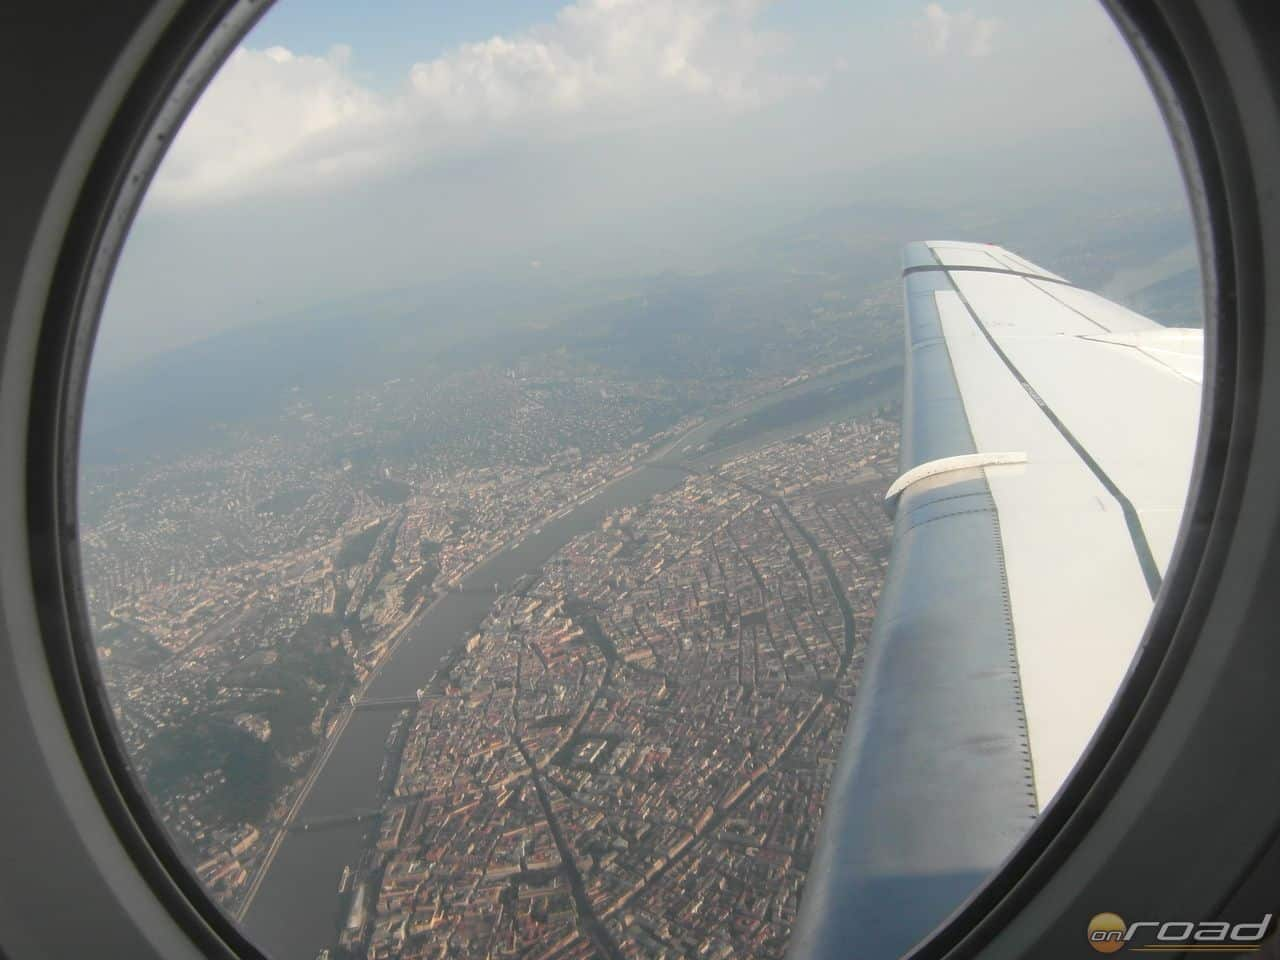 Budapest, Budapest, te csodás!